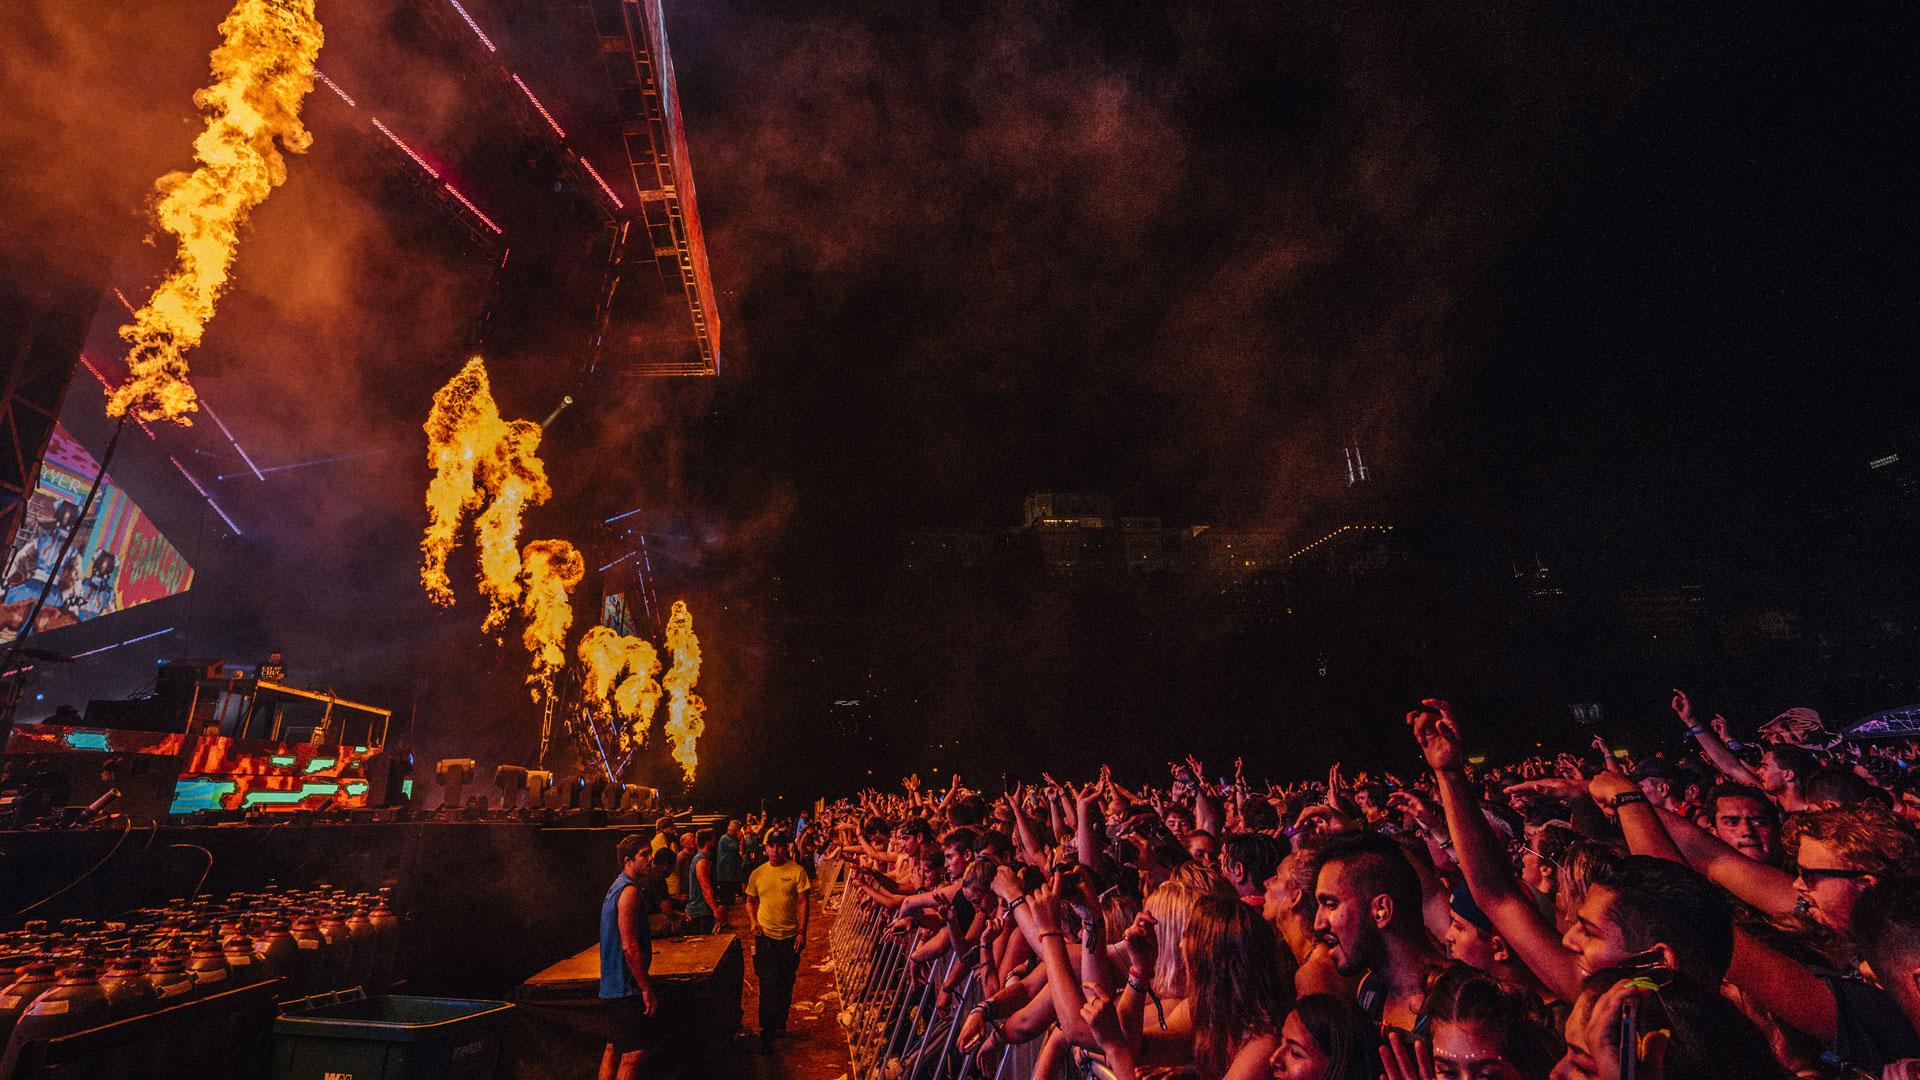 Los diferentes estilos de 180 bandas y artistas confluyen en los escenarios del Lollapalooza.